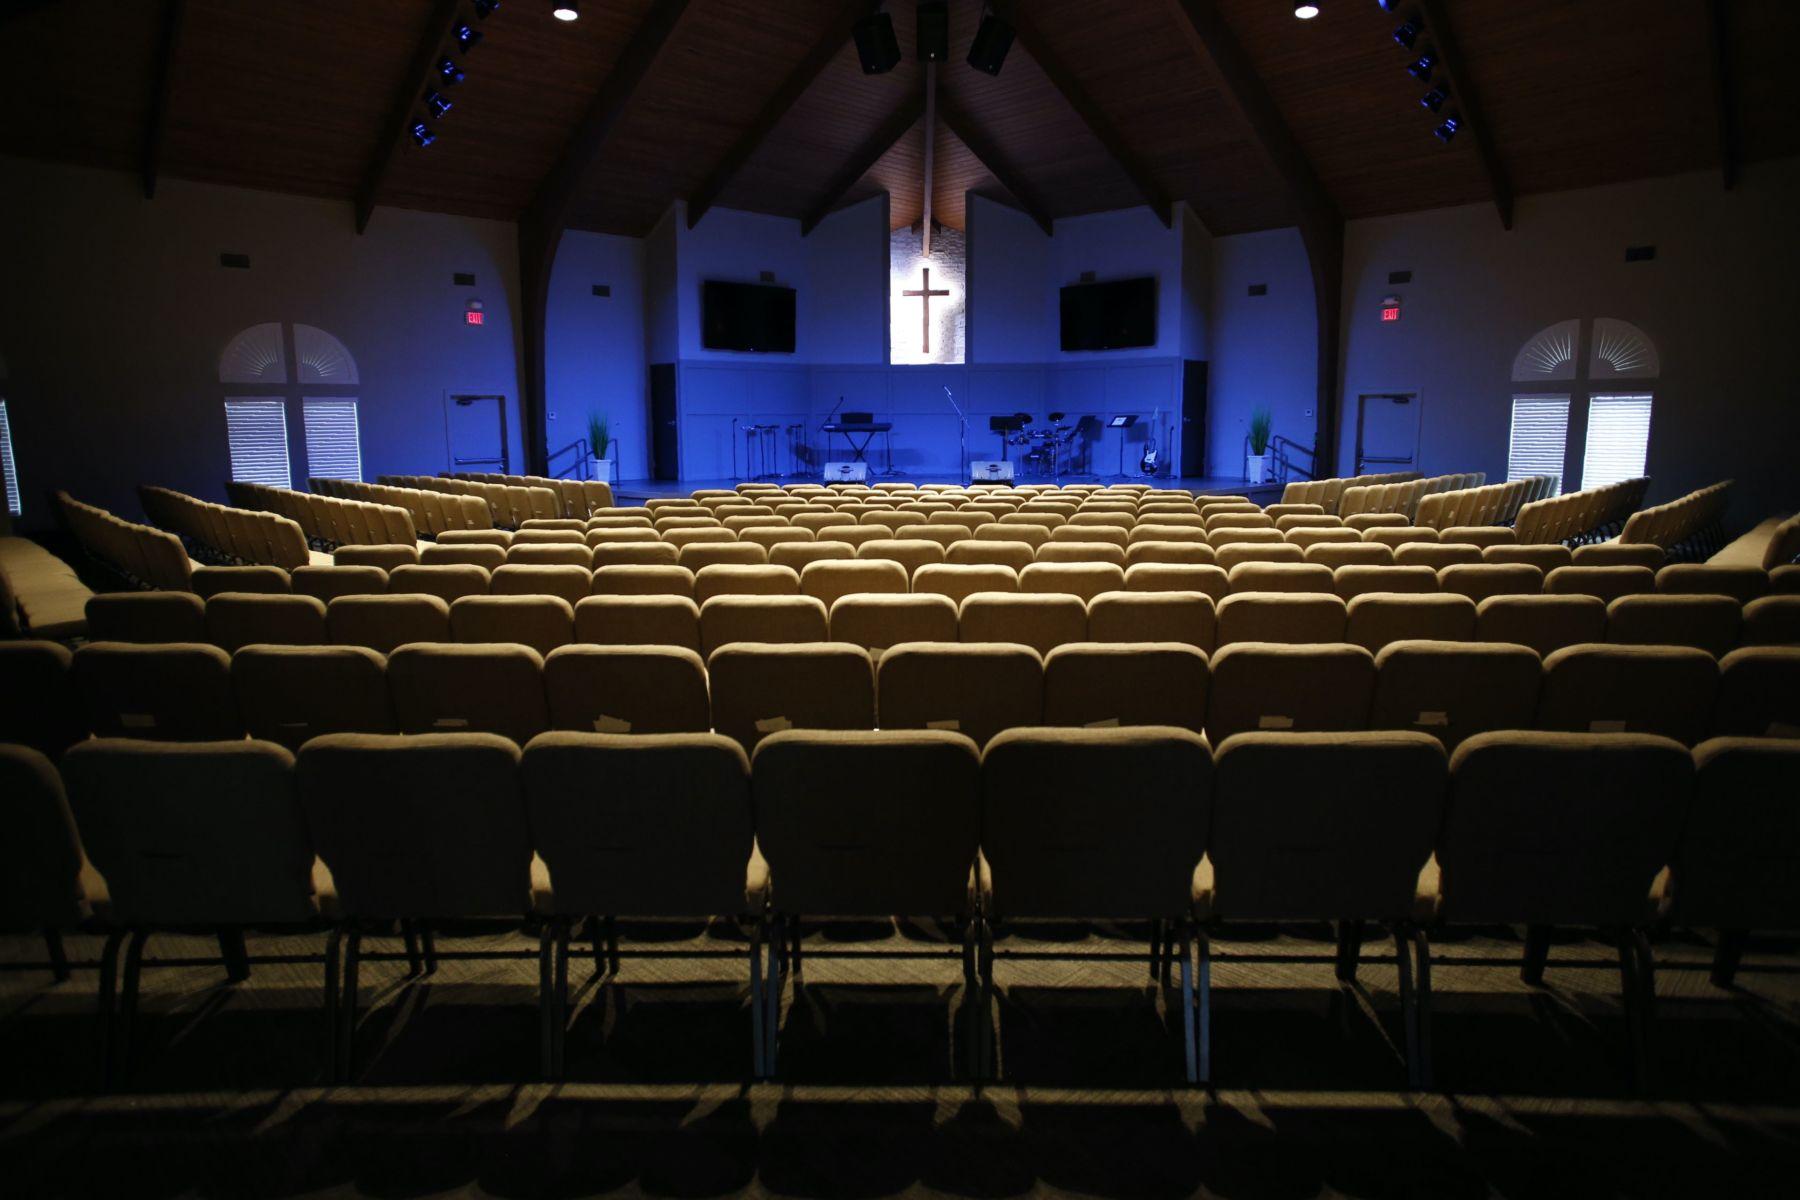 2ndMile-Church-Chairs